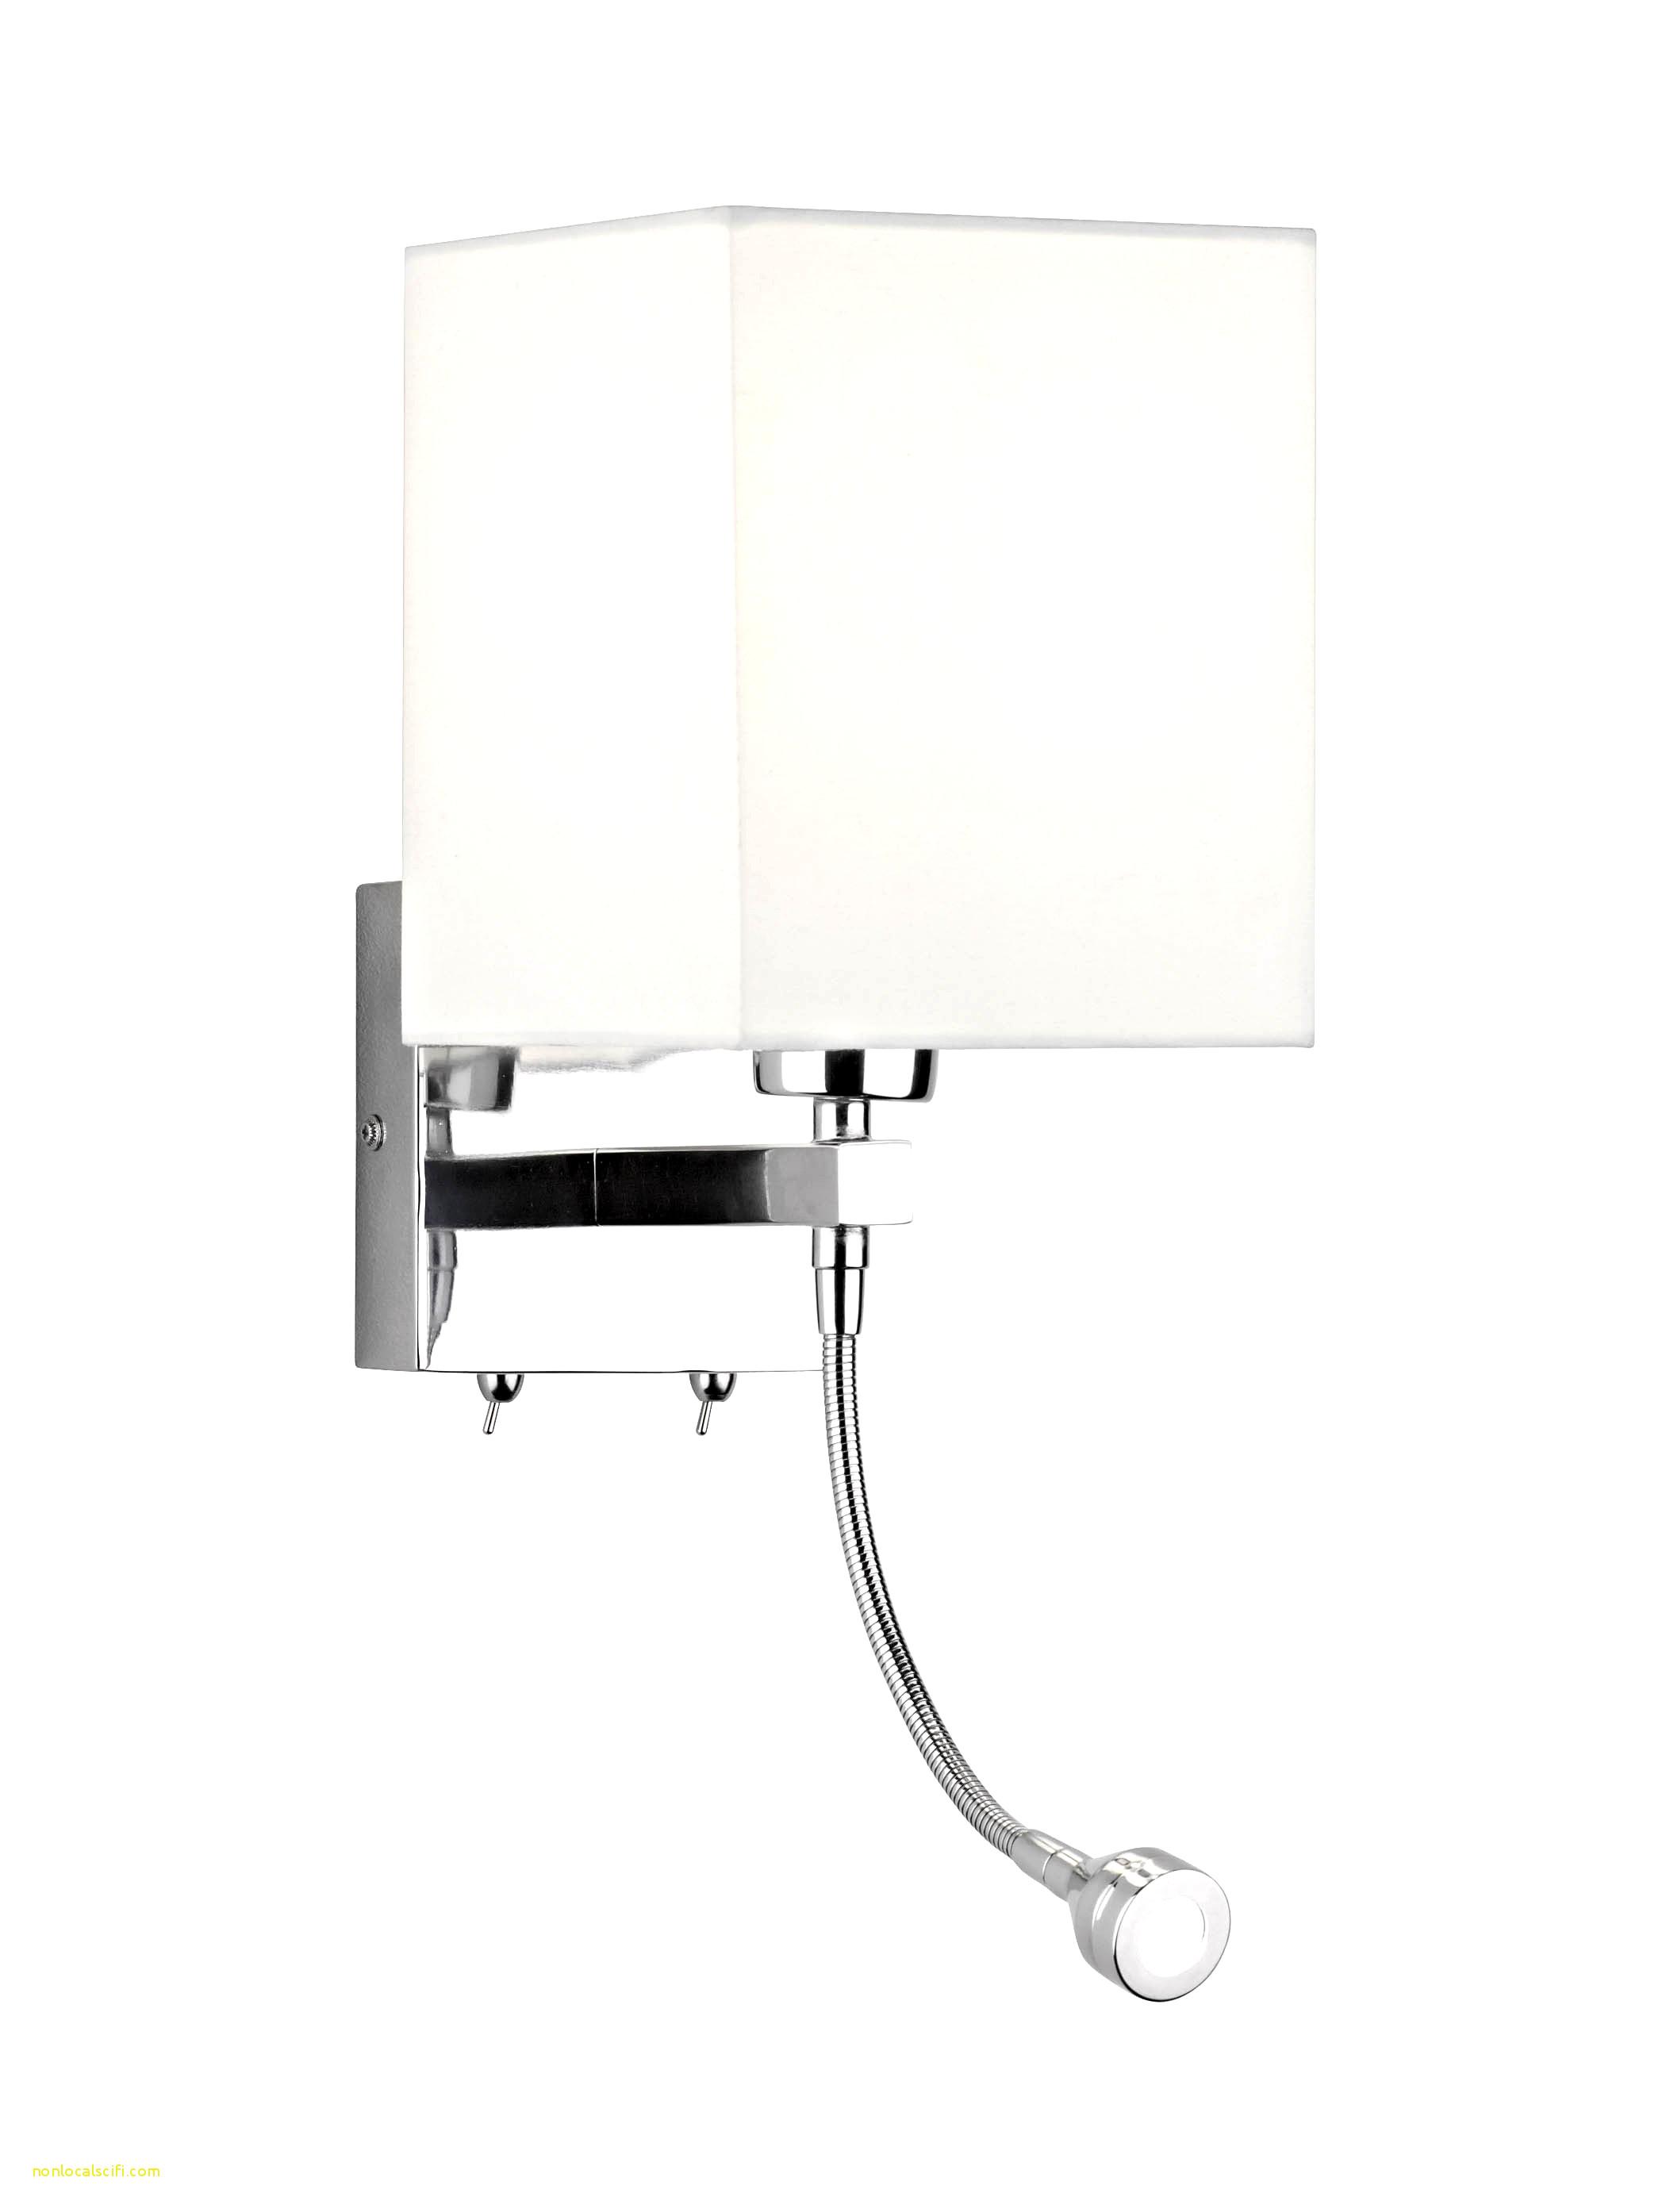 Applique Salle De Bain Avec Interrupteur Ikea Meilleur De Image Résultat Supérieur 98 élégant Applique Miroir Salle De Bain Avec